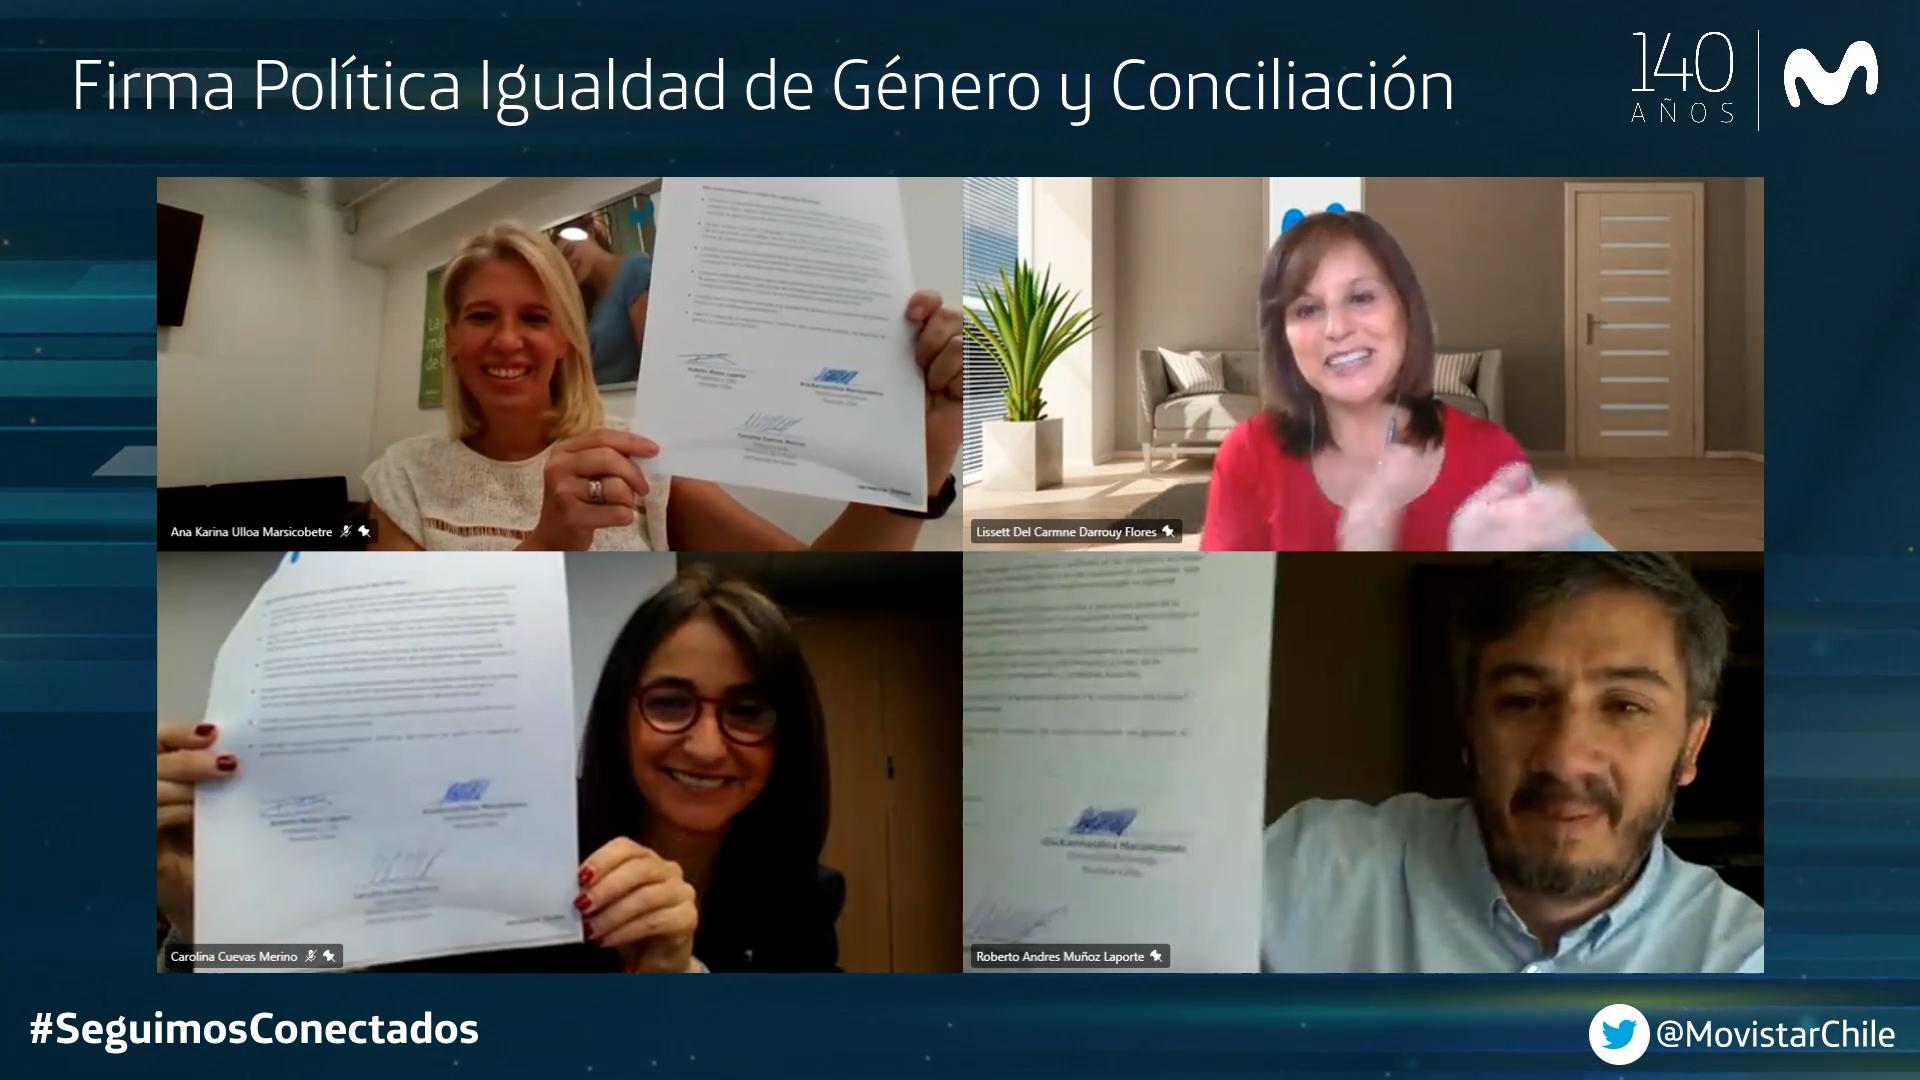 Junto al Ministerio de la Mujer y la Equidad de Género: <br><B>Movistar Chile firma su Política de Igualdad de Género y Conciliación de la vida personal, laboral y familiar</B>